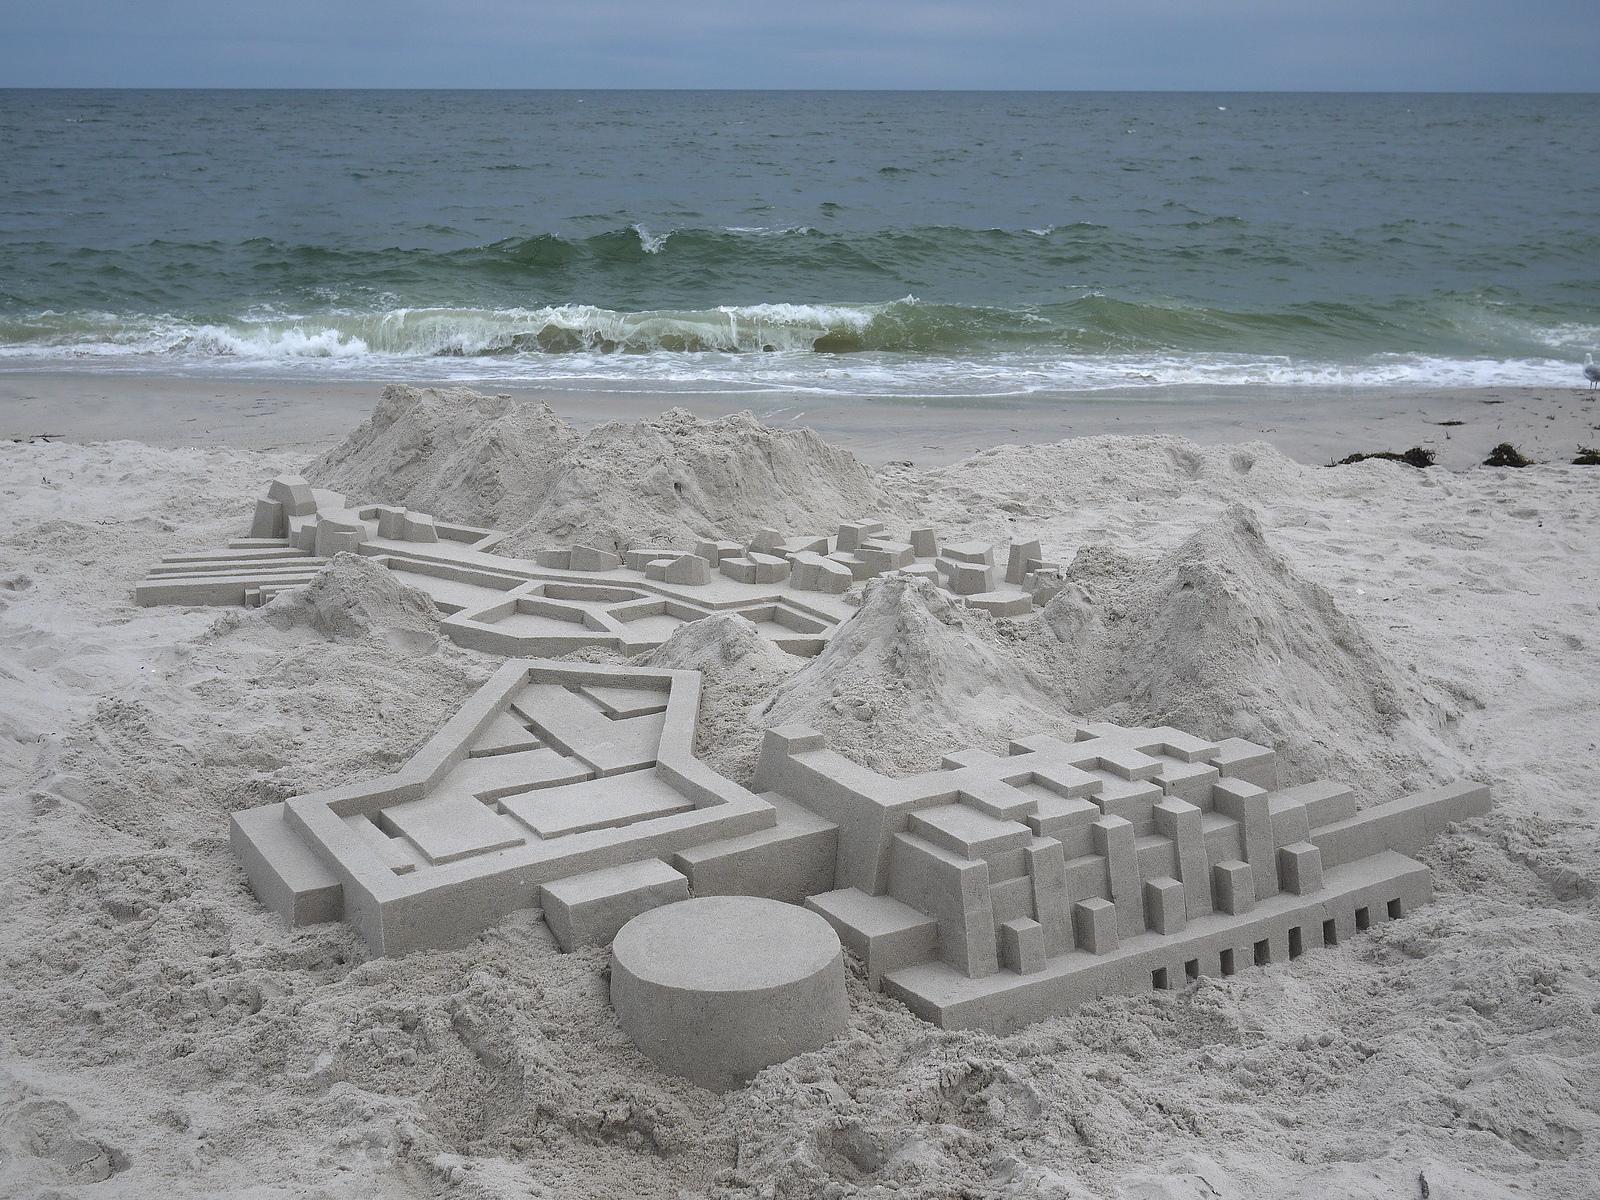 sand-castles-calvin-seibert- 17